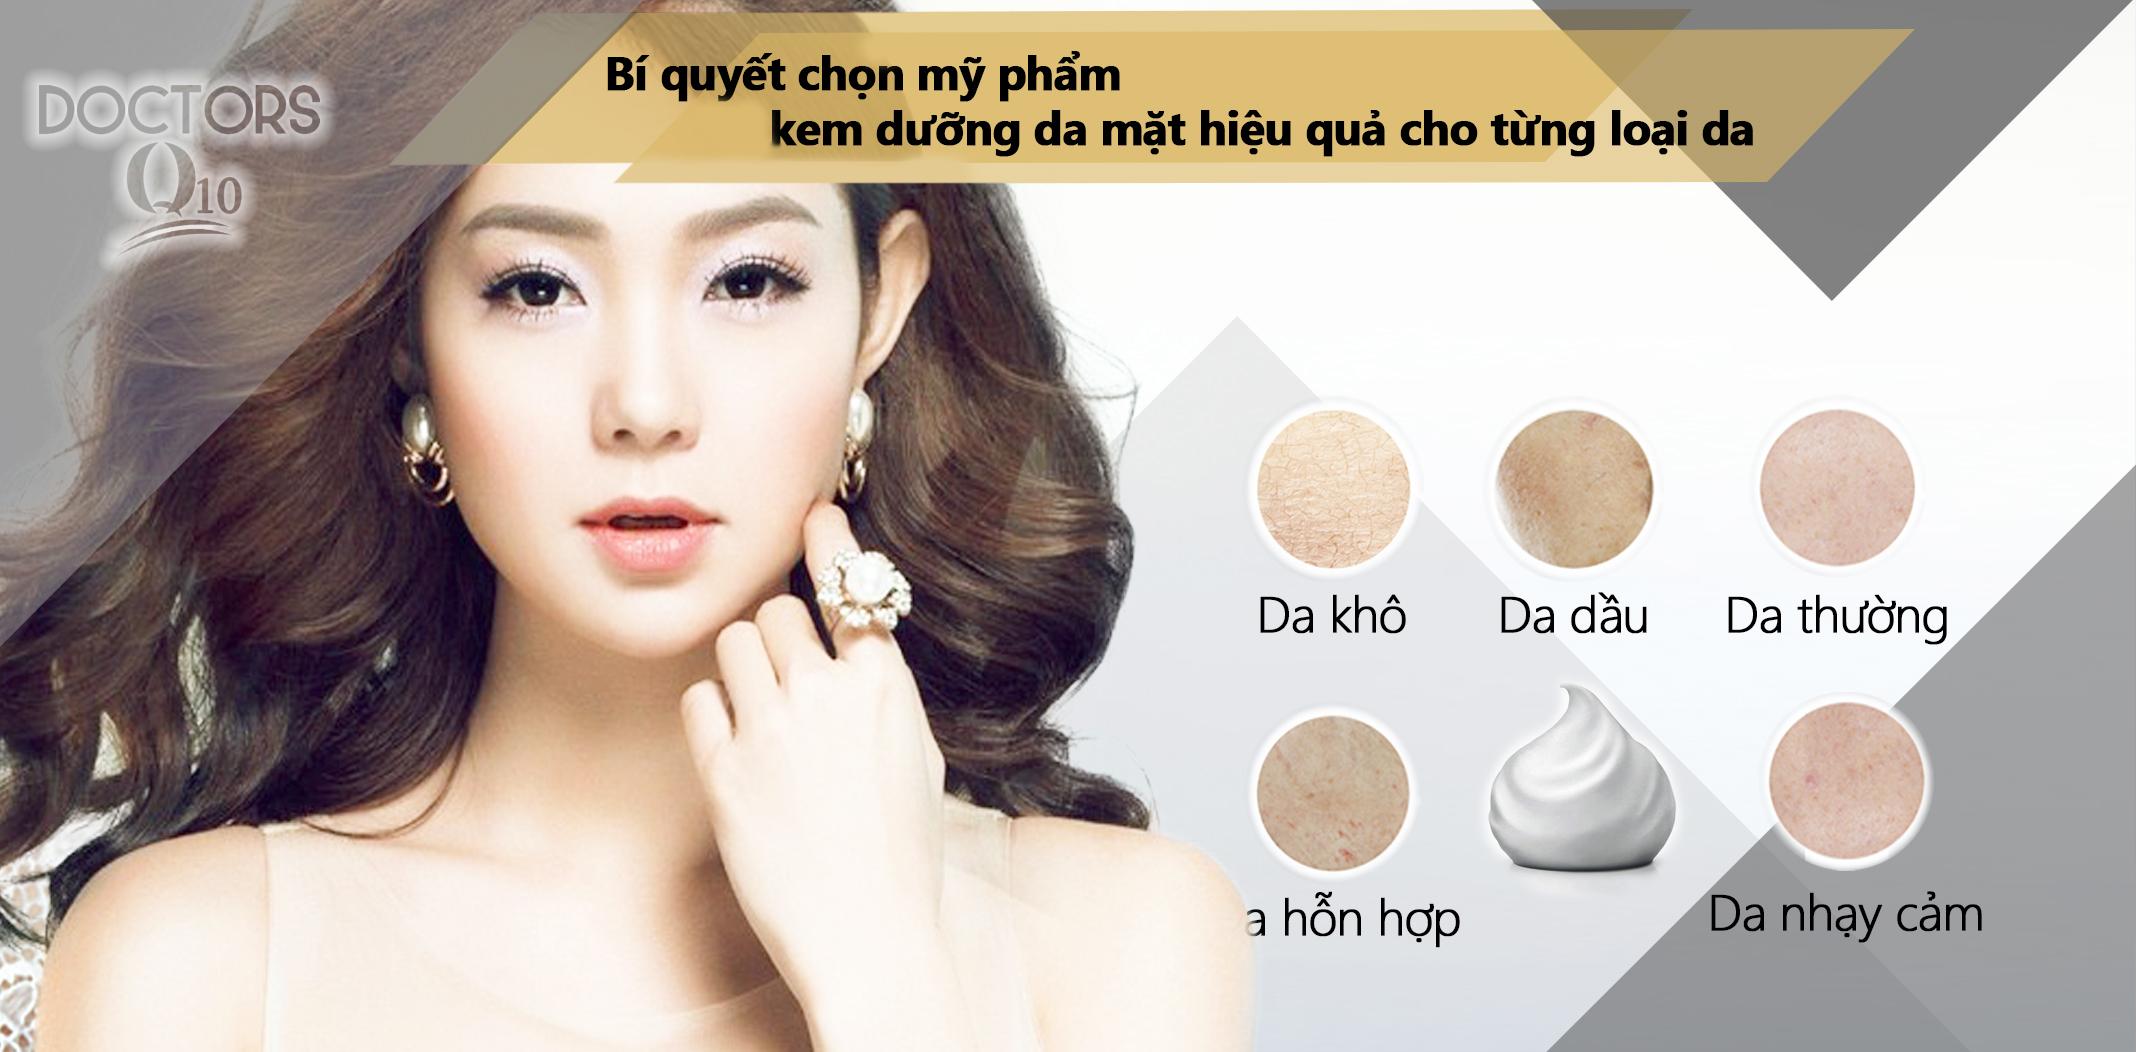 free-methylparaben-co-hai-khong.jpg